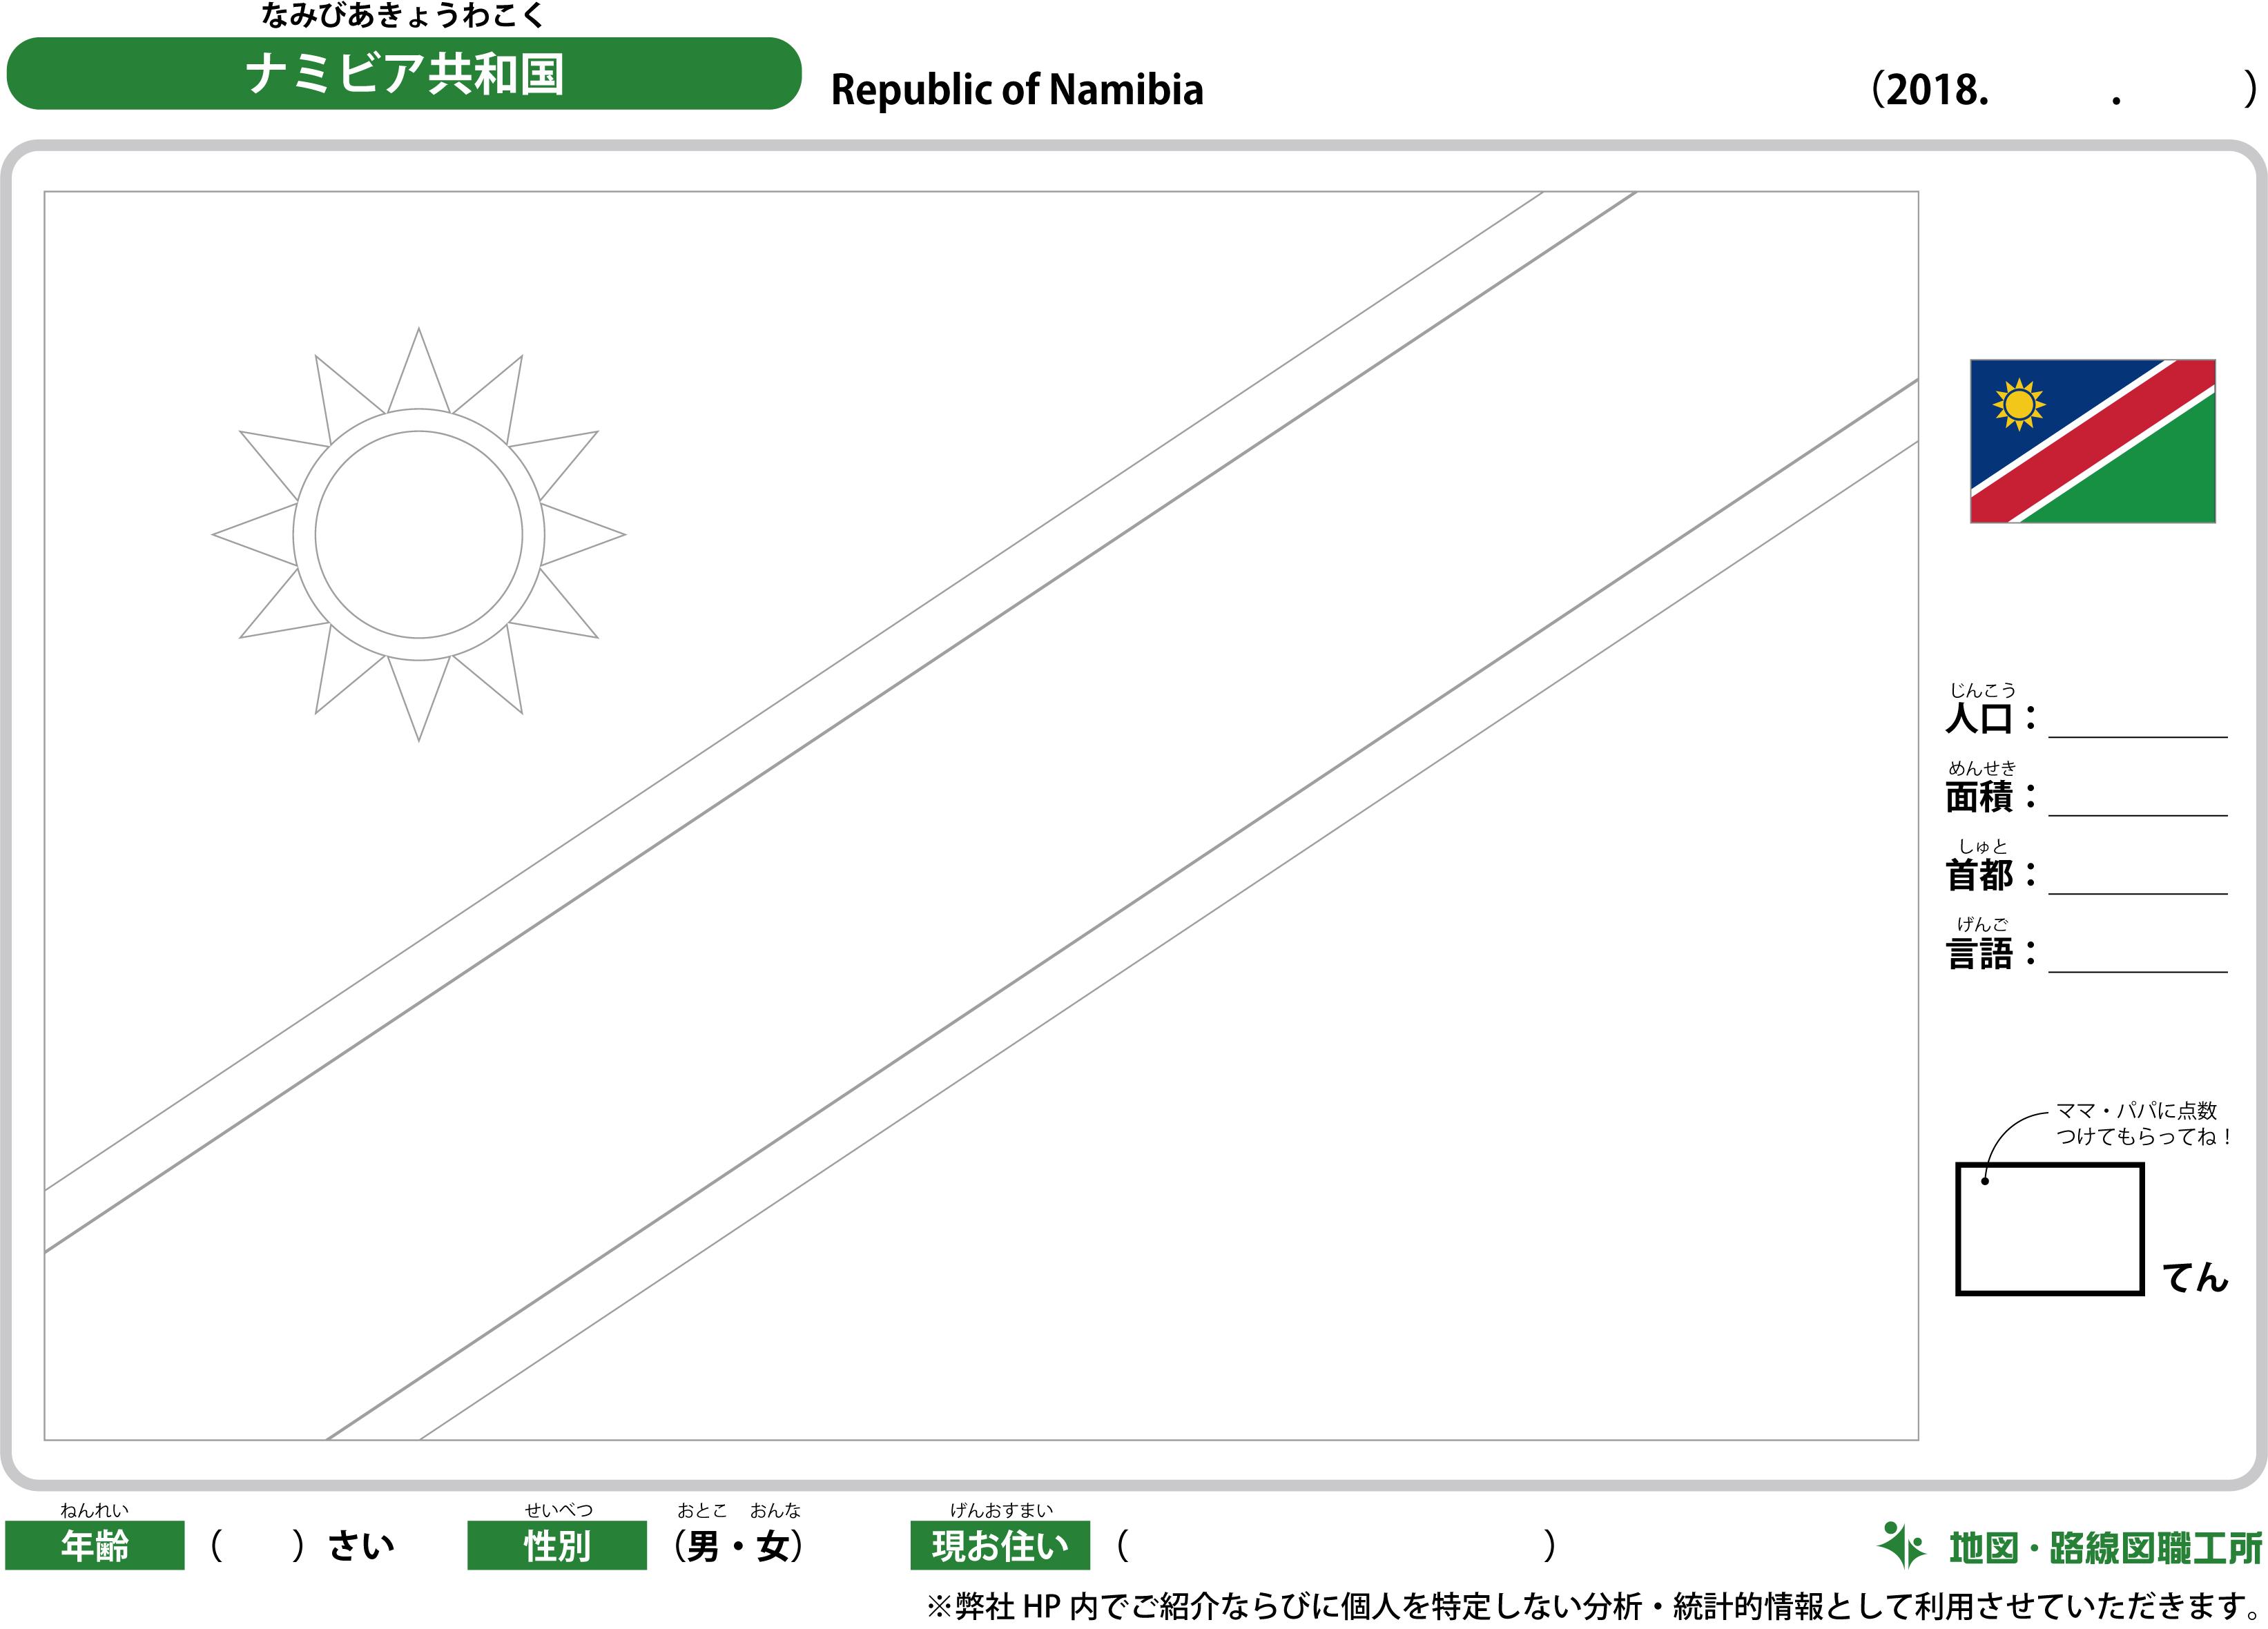 ナミビア共和国